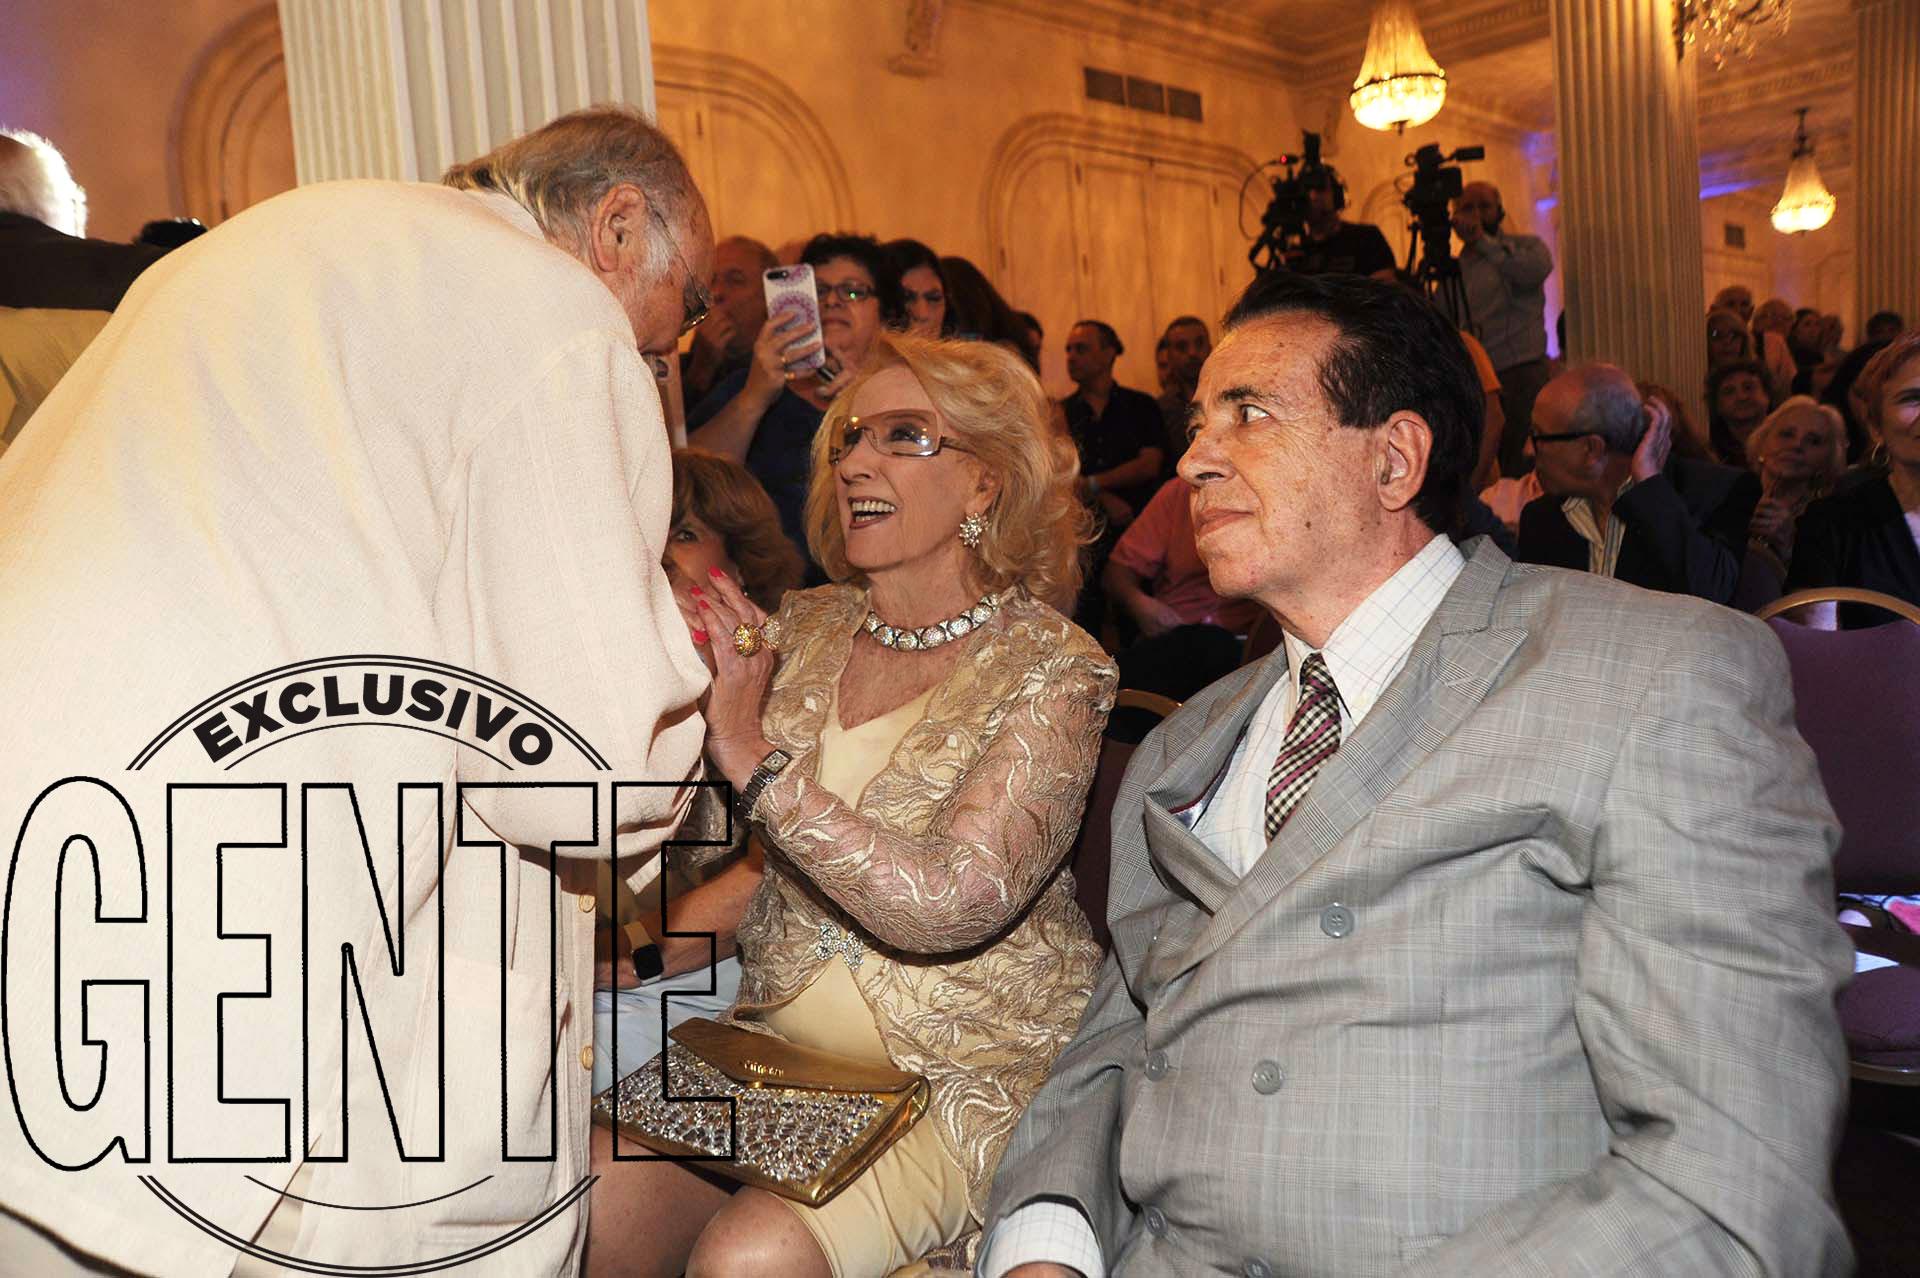 Pepe Novoa saluda a Mirtha, sentada junto a su amigo Héctor Vidal Rivas. Foto: Enrique García Medina/GENTE